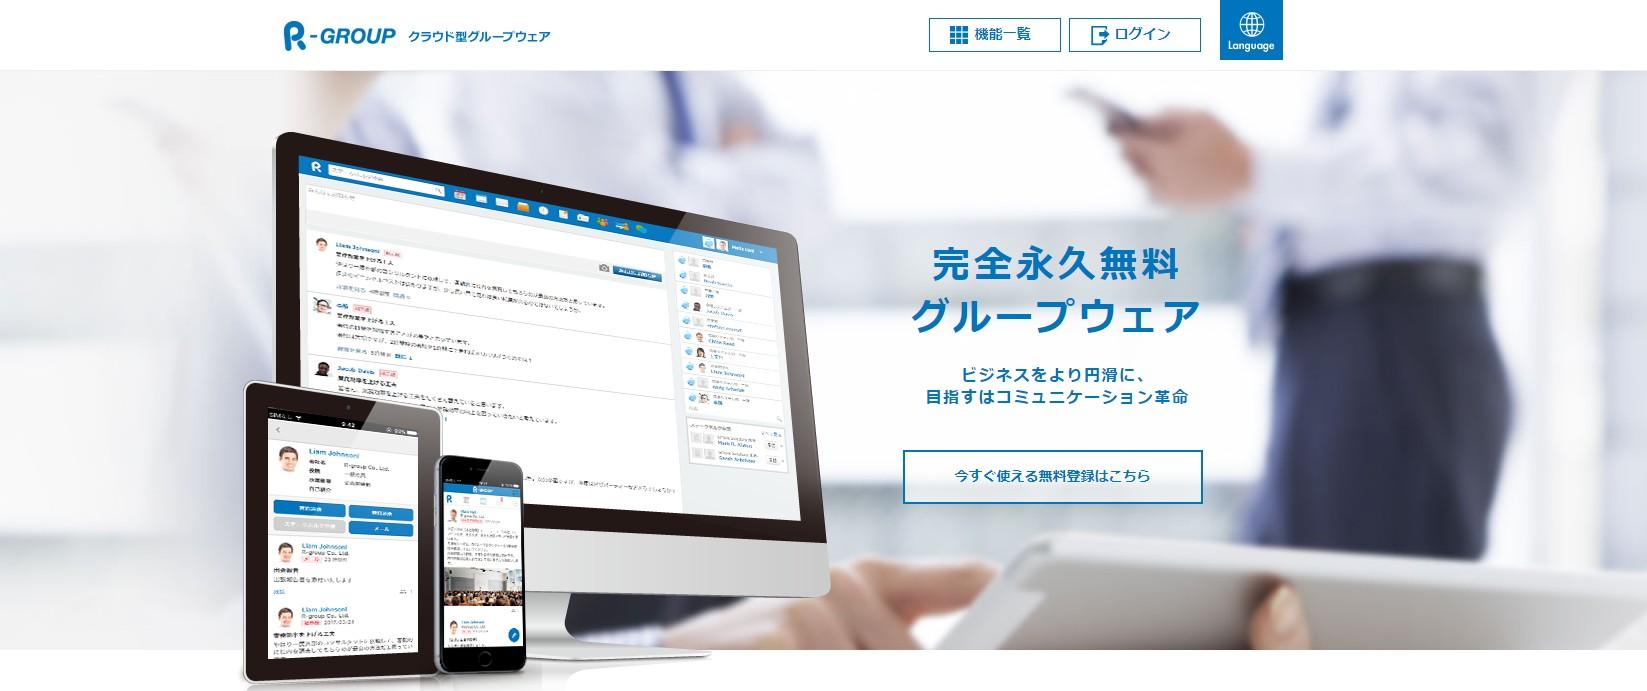 R-GROUPのトップ画面